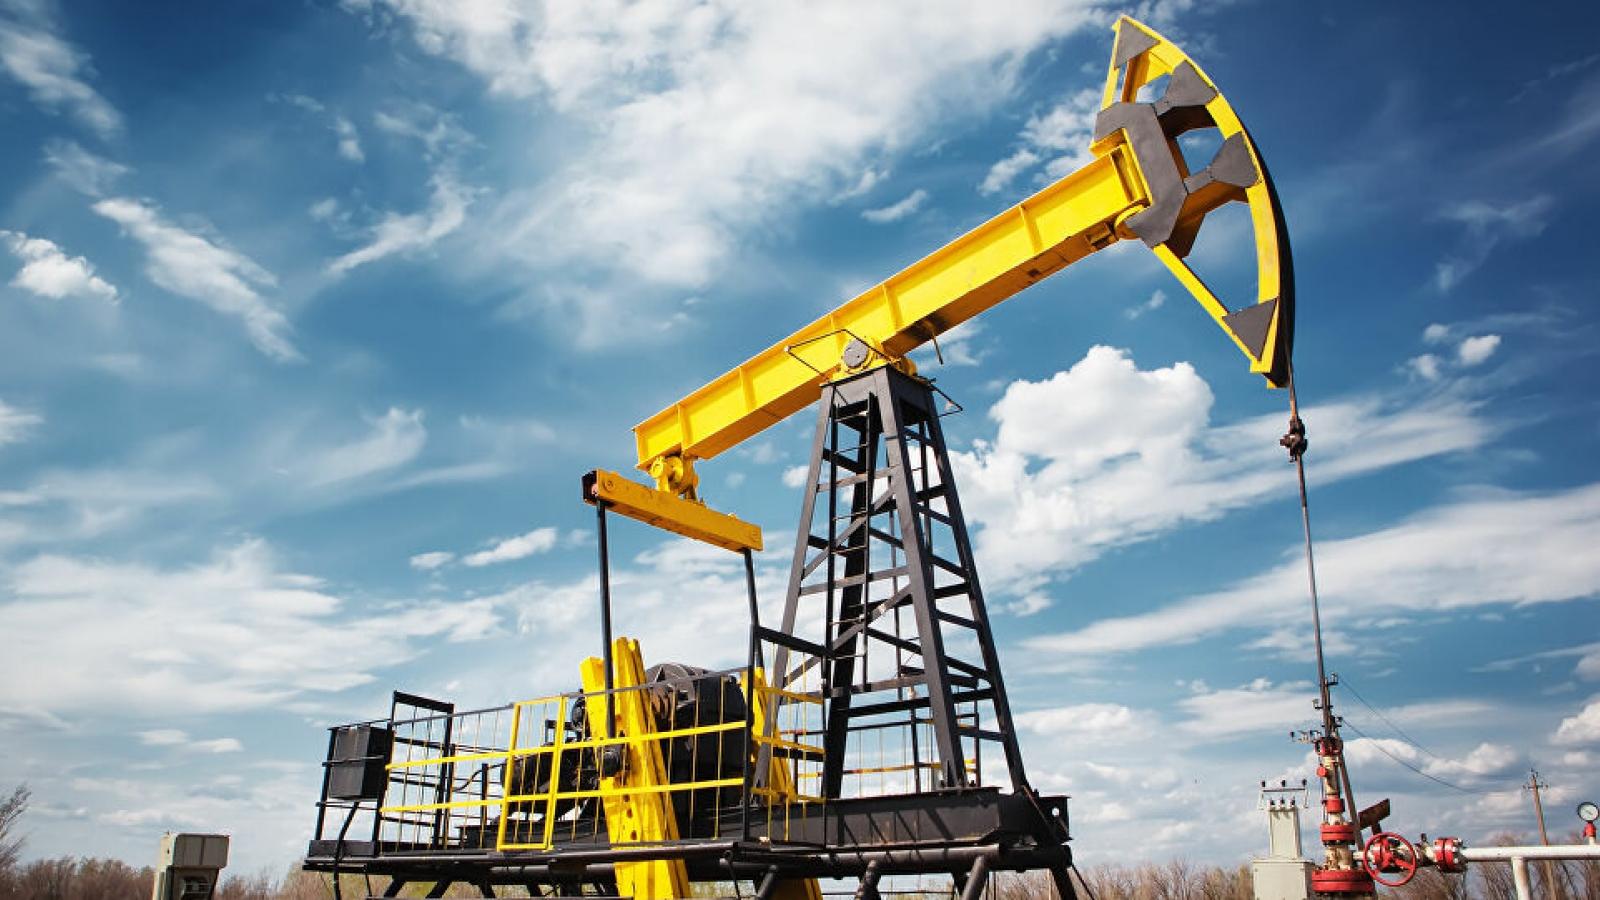 Giá dầu thô quay đầu giảm mạnh, tuột mốc 70 USD/thùng